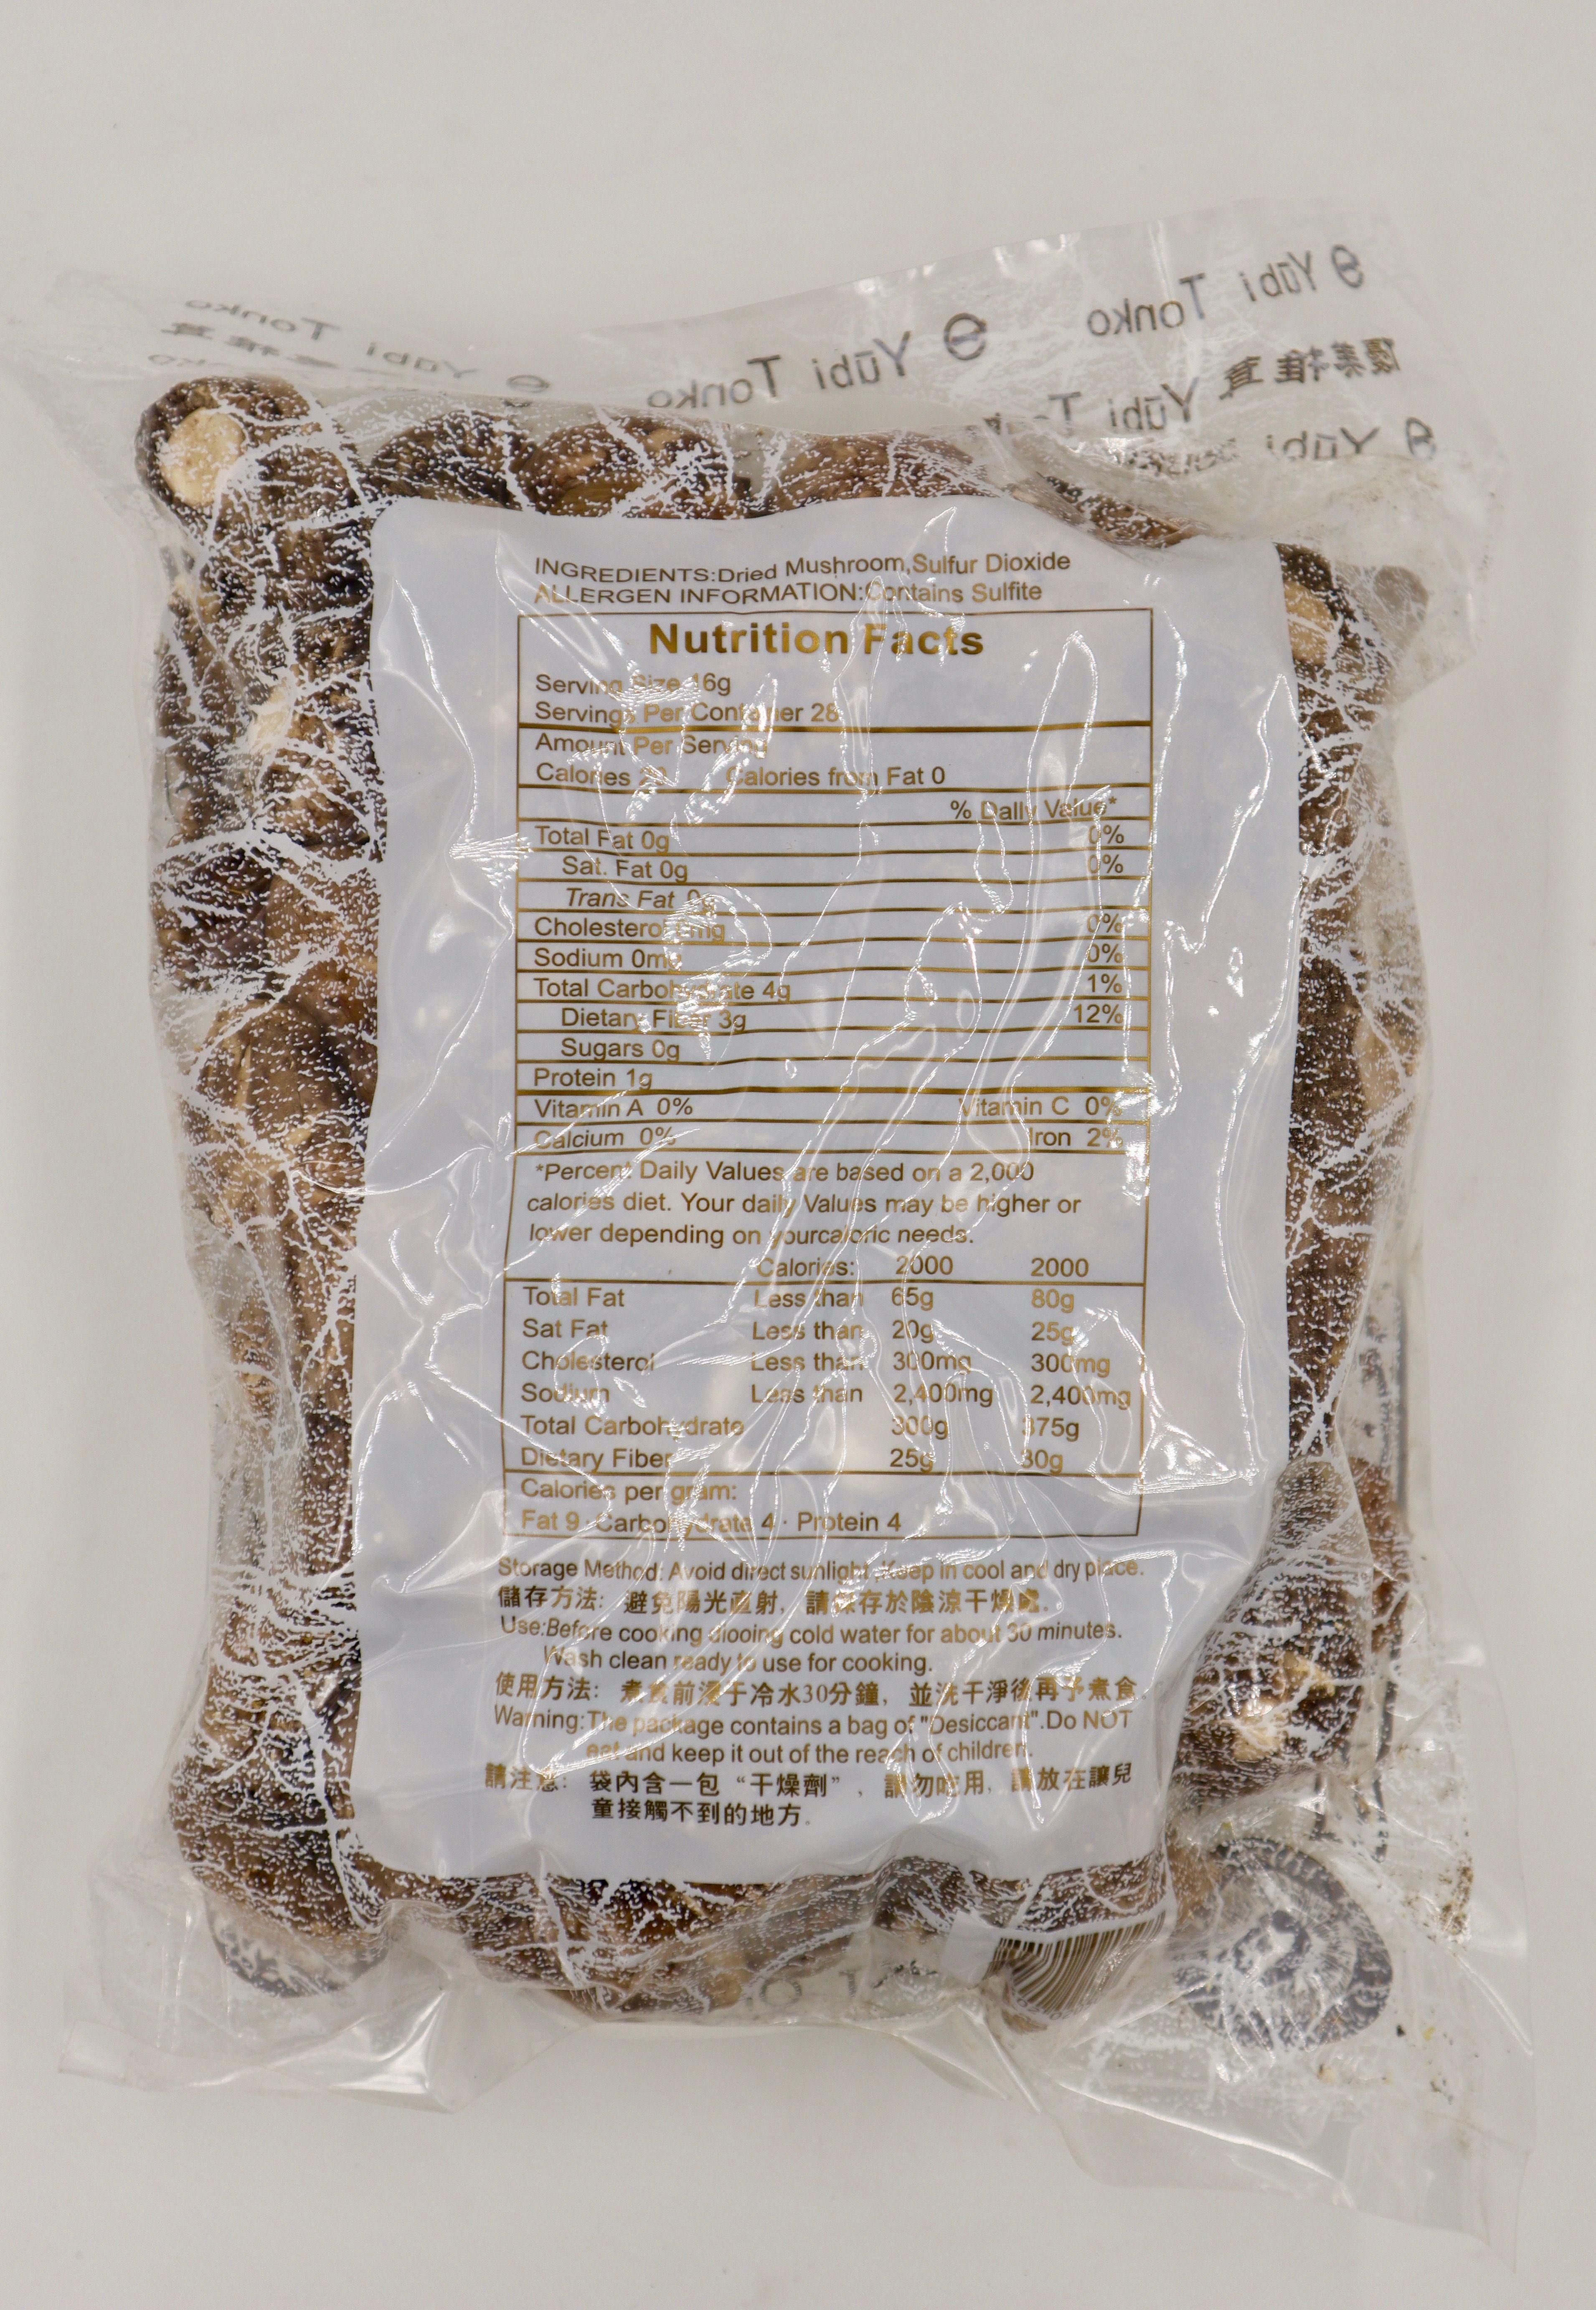 YUBI TONKO Dried Mushroom 16 OZ